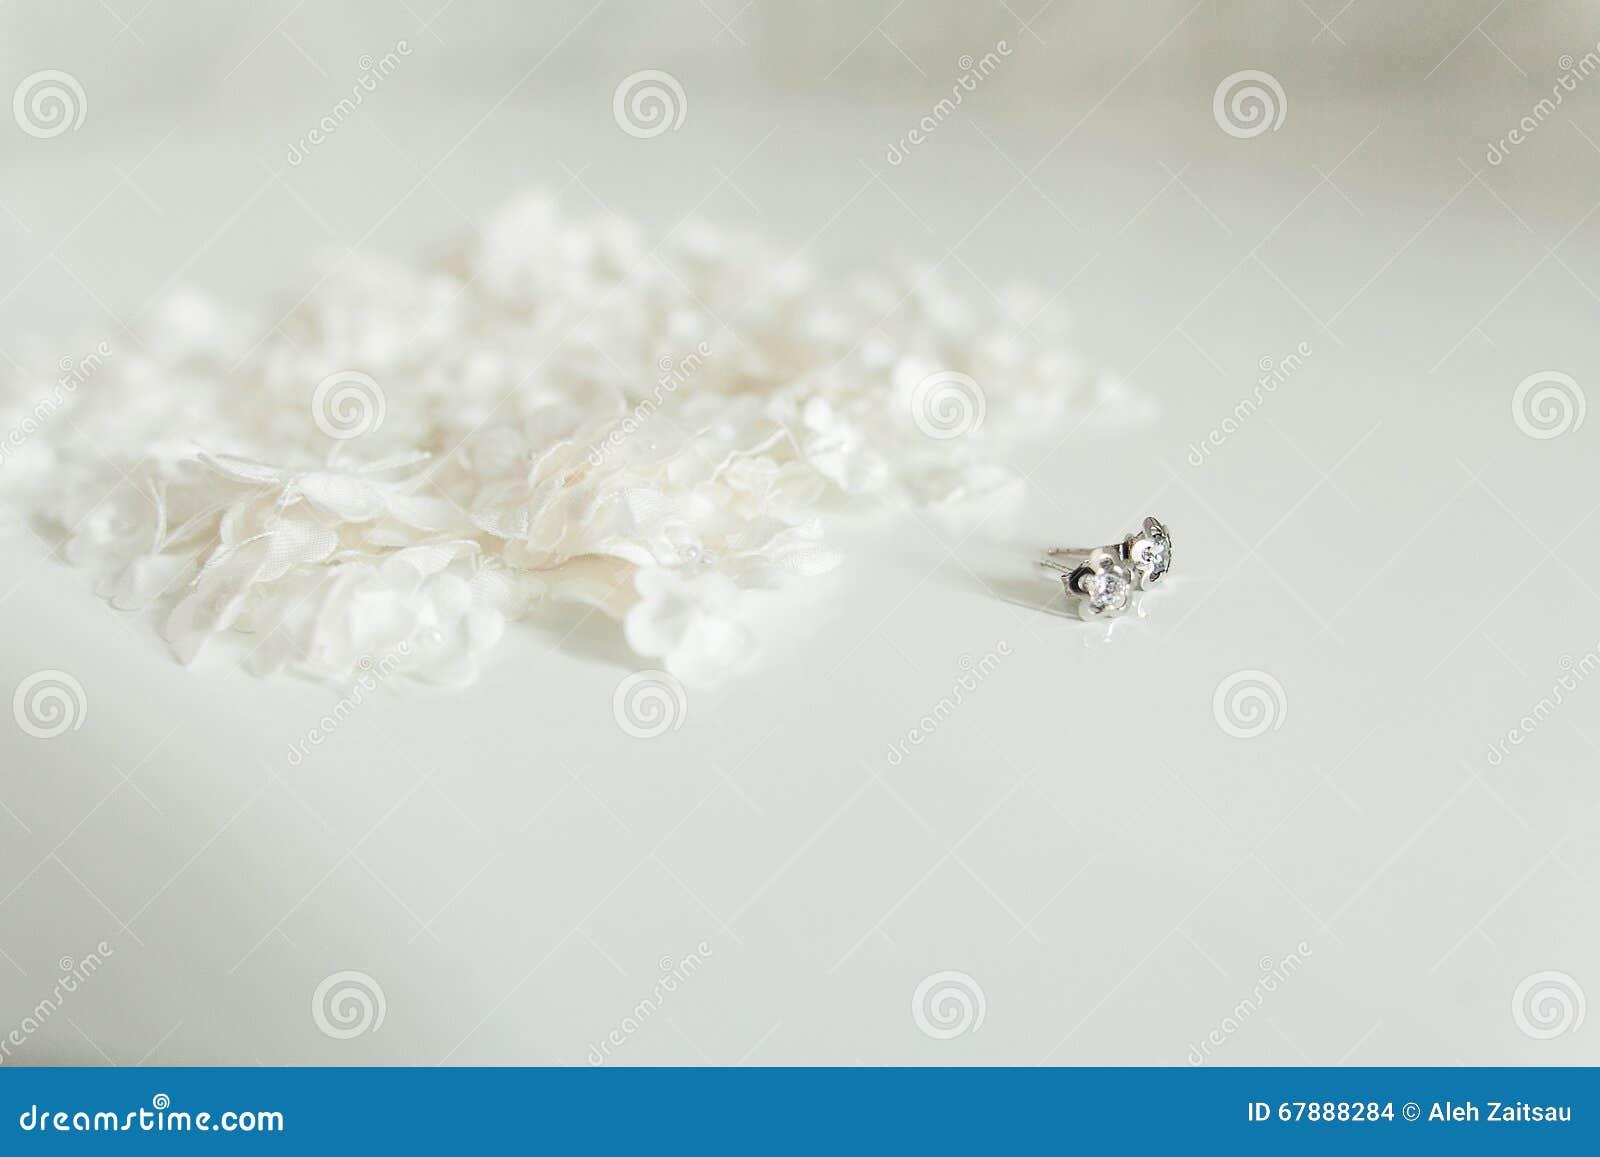 对金刚石耳环,隔绝在白色